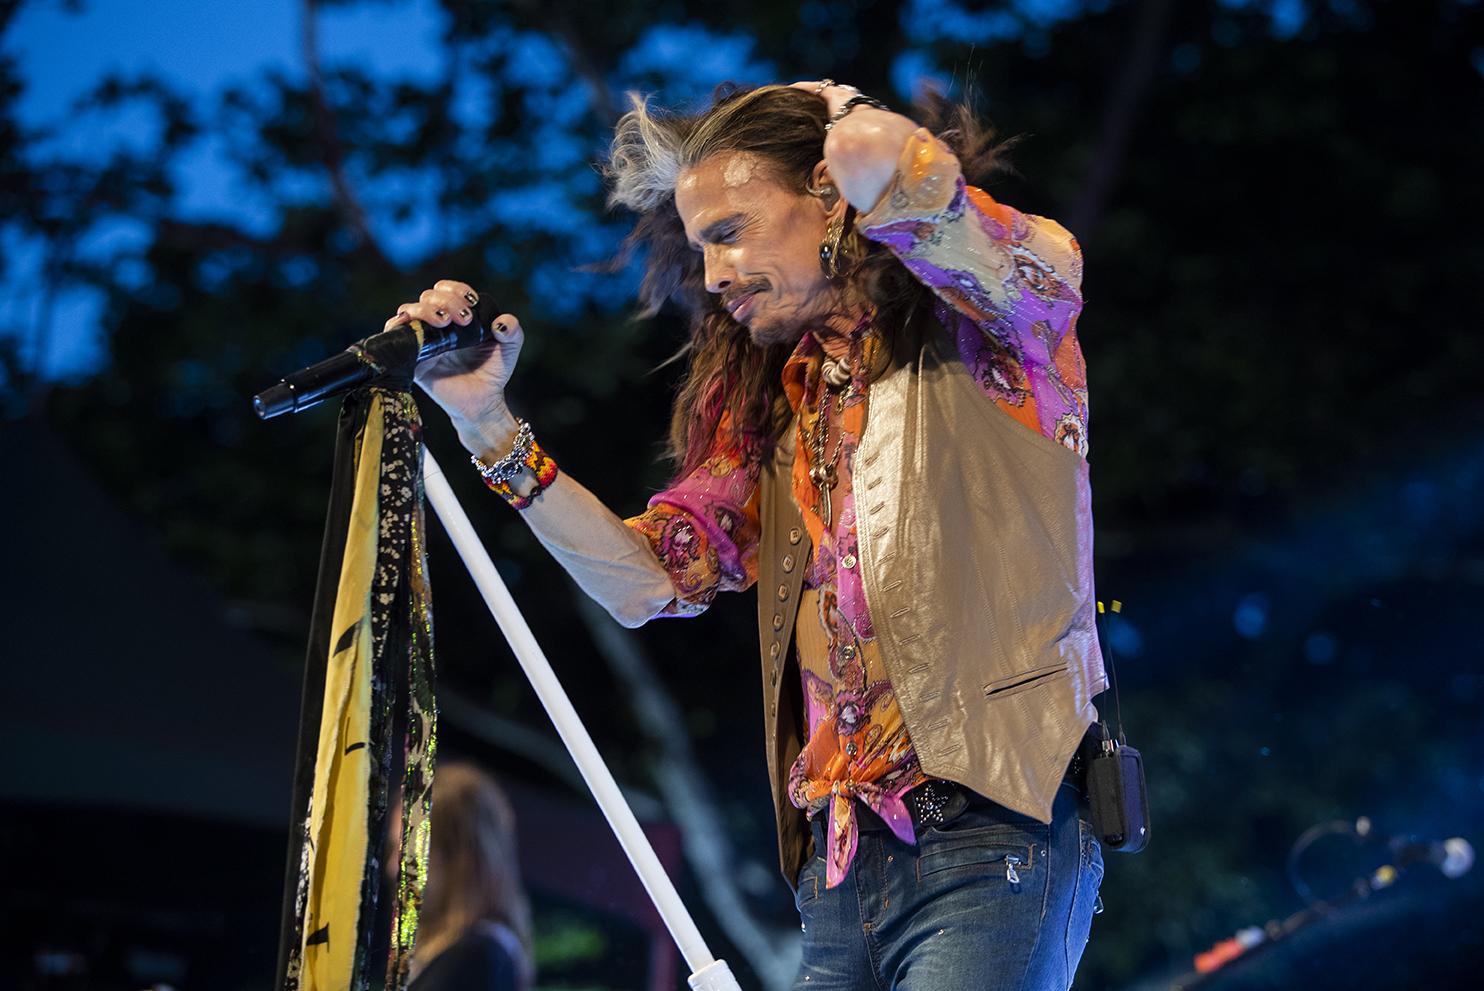 Steven Tyler. Aerosmith